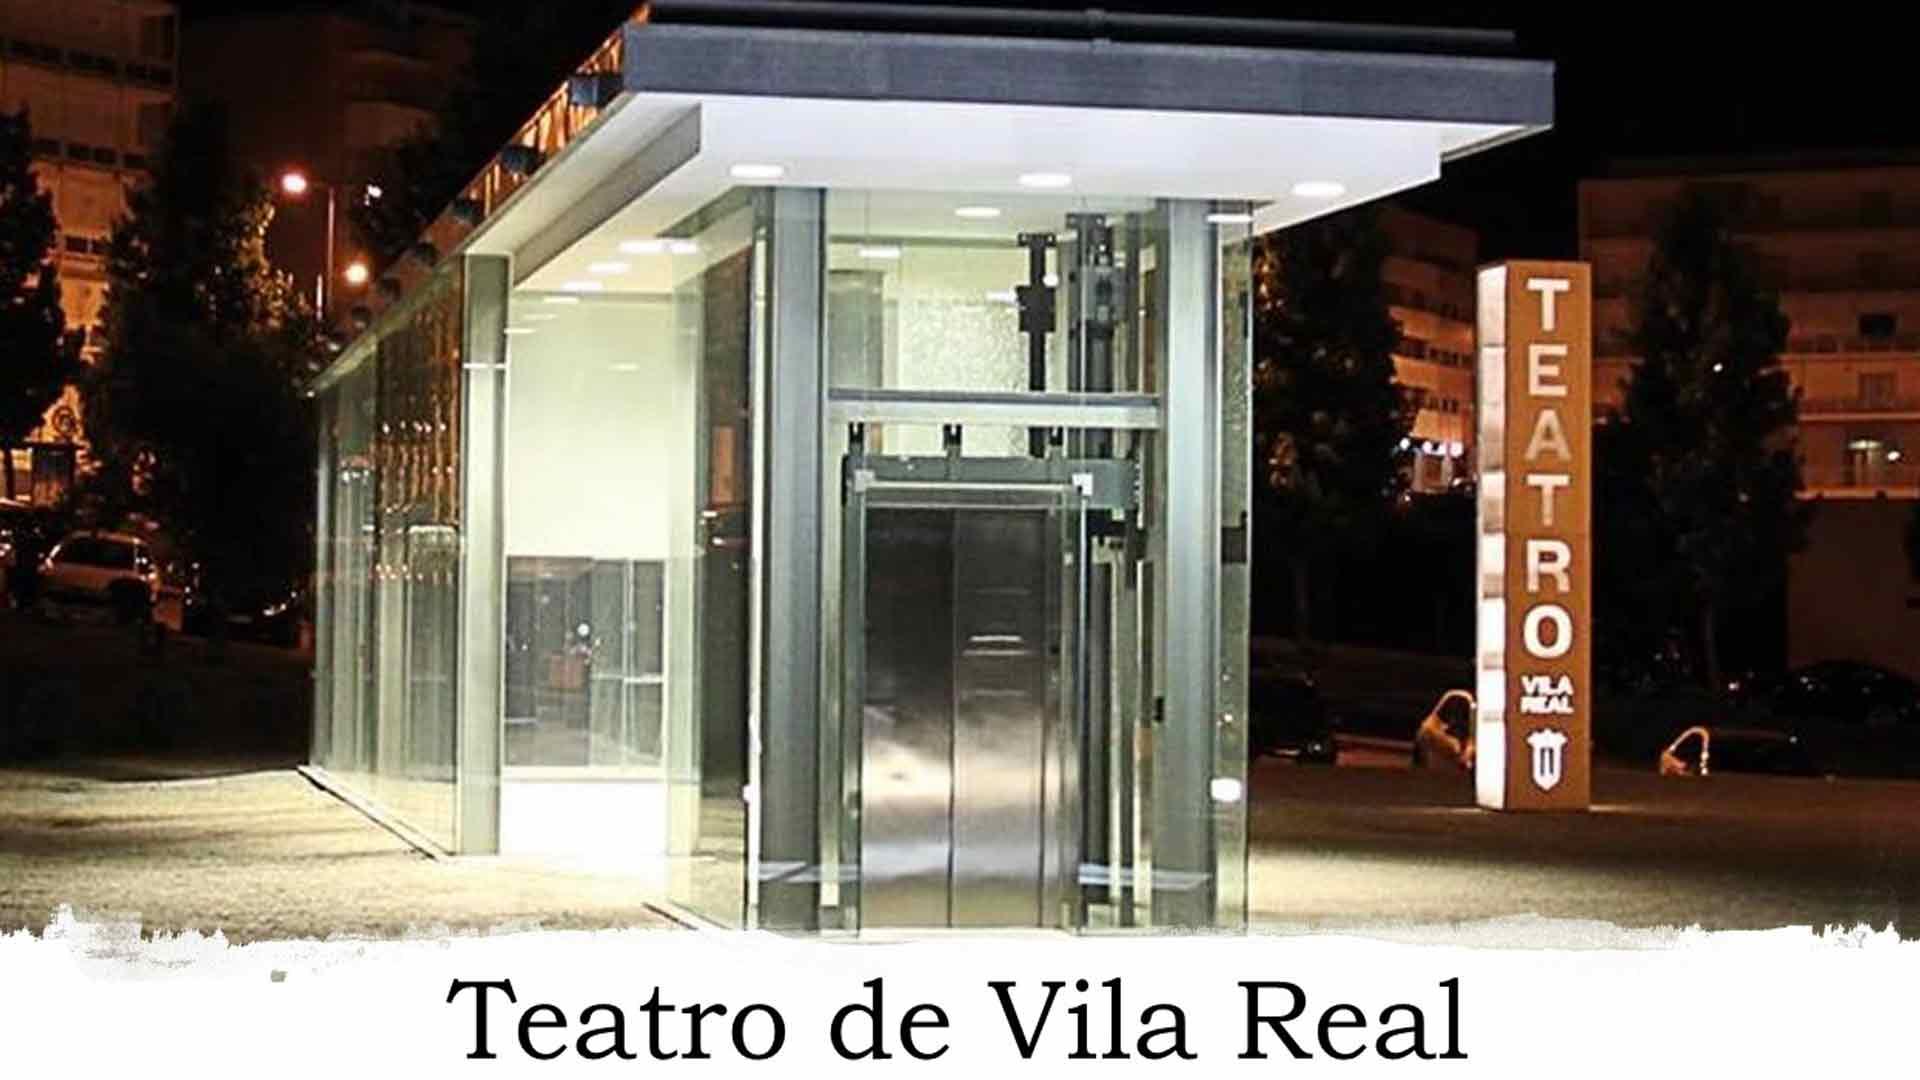 Frente do Teatro de Vila Real